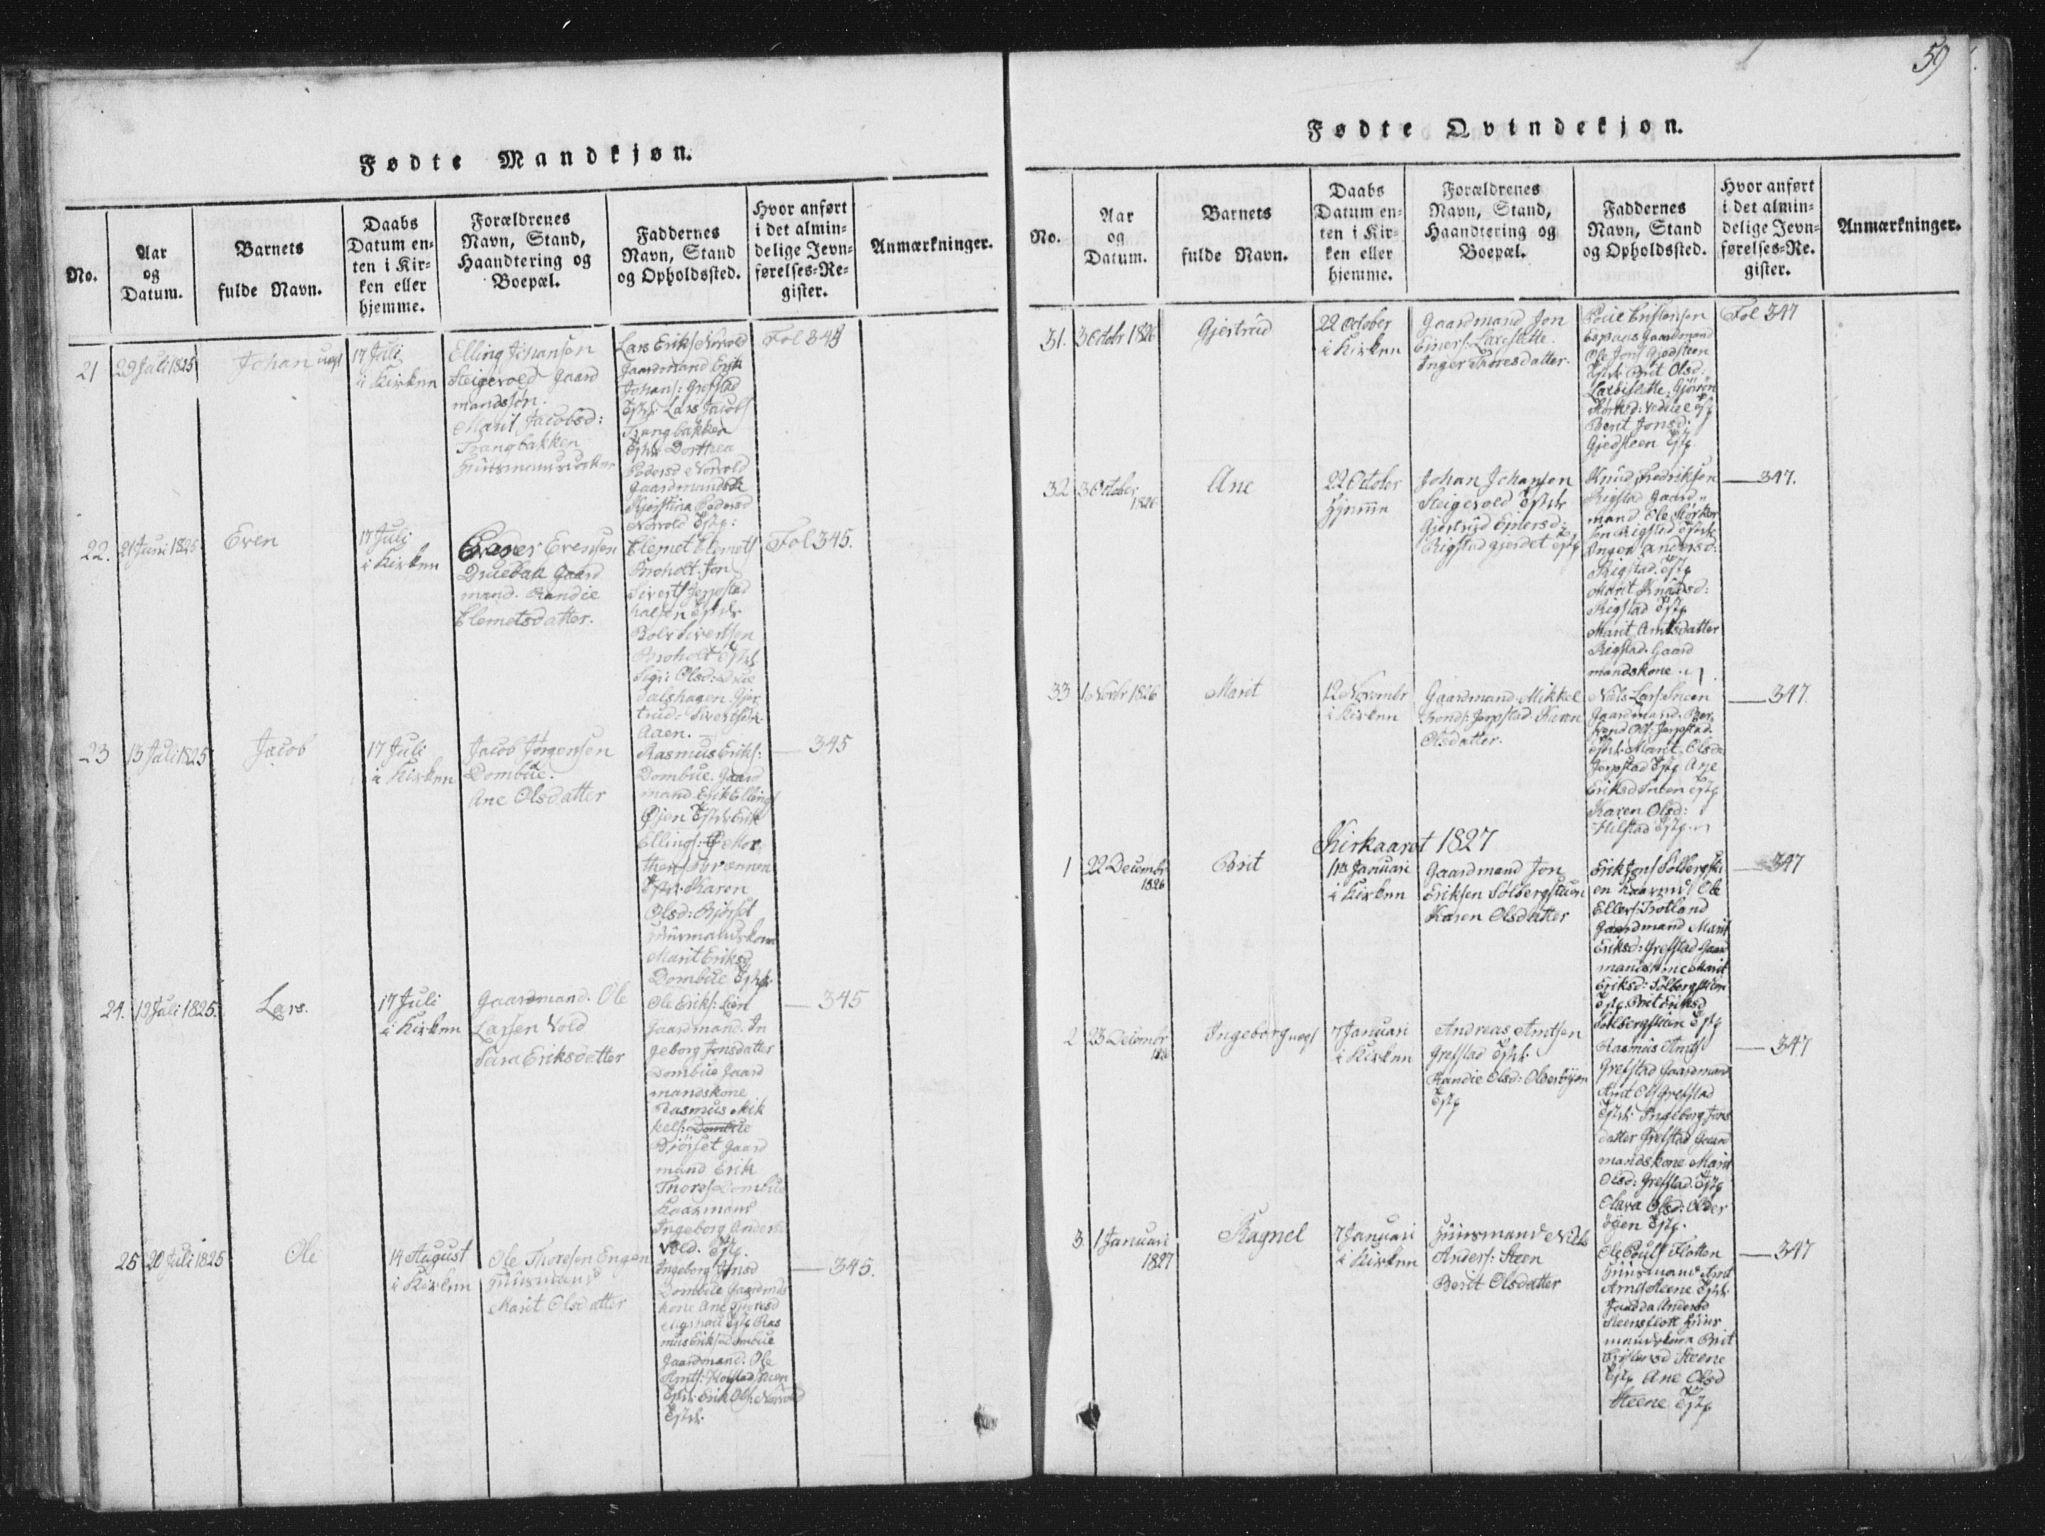 SAT, Ministerialprotokoller, klokkerbøker og fødselsregistre - Sør-Trøndelag, 672/L0862: Klokkerbok nr. 672C01, 1816-1831, s. 59